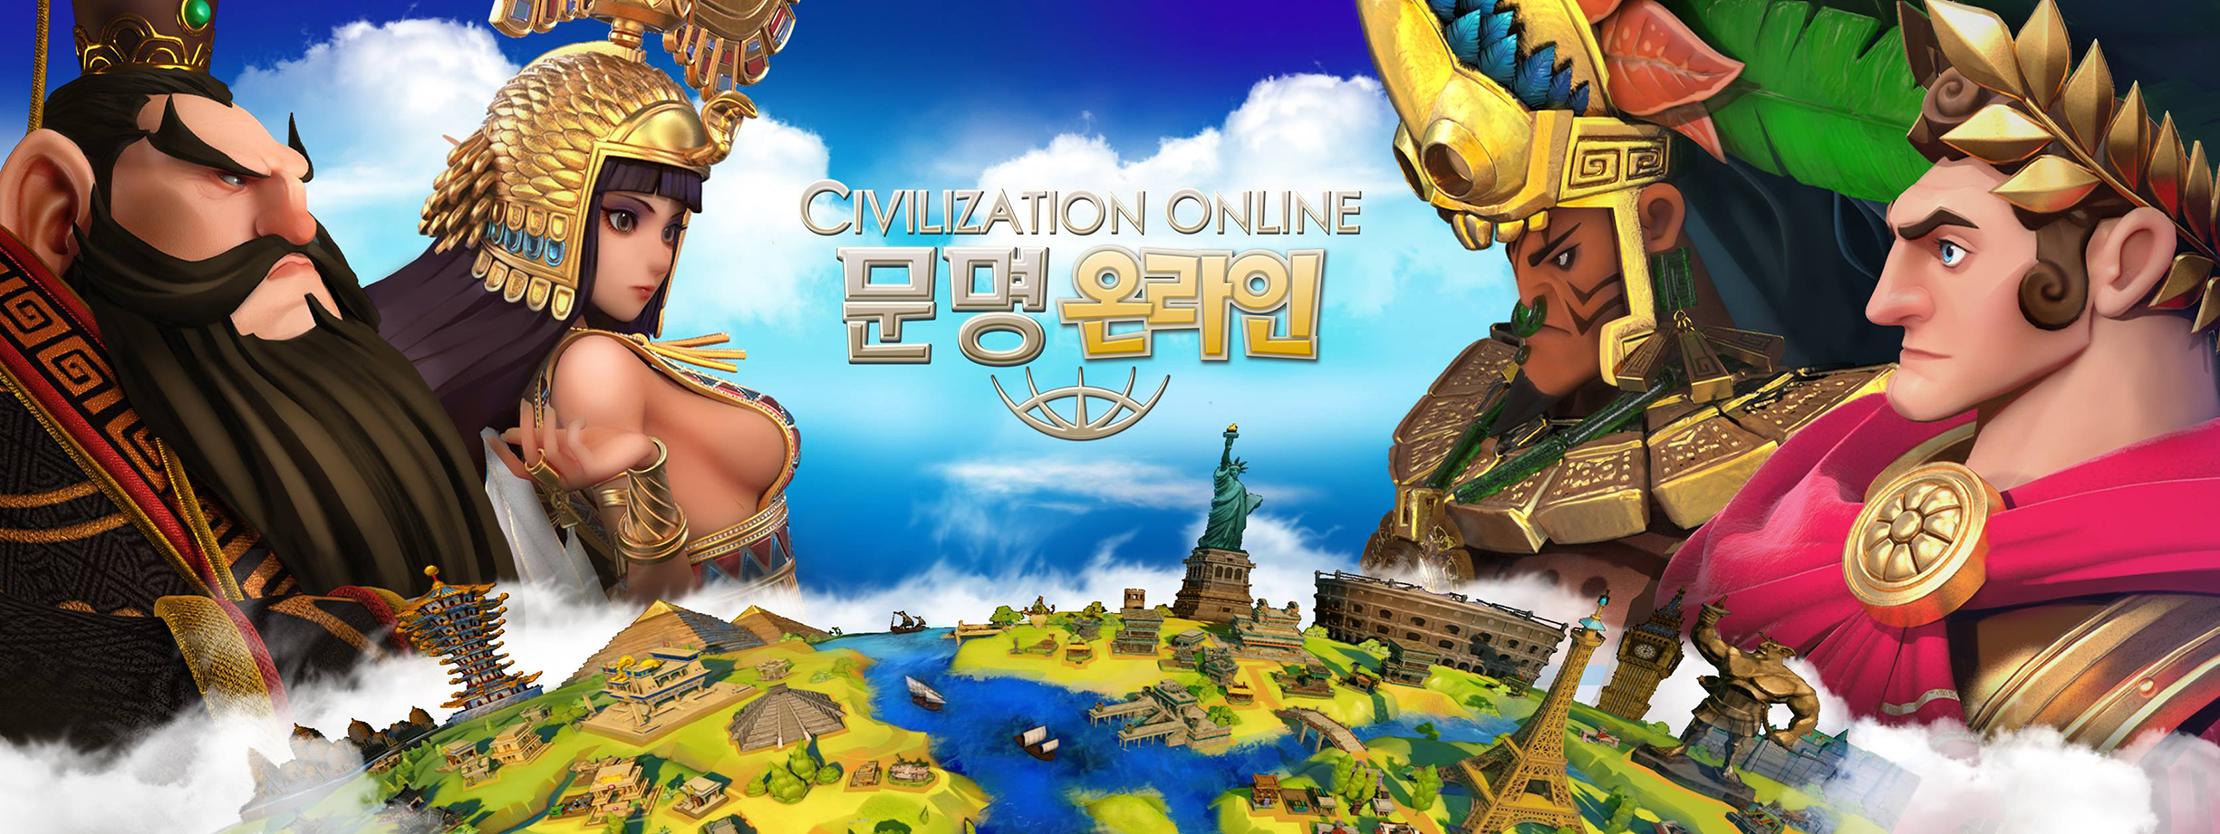 civilization-online header